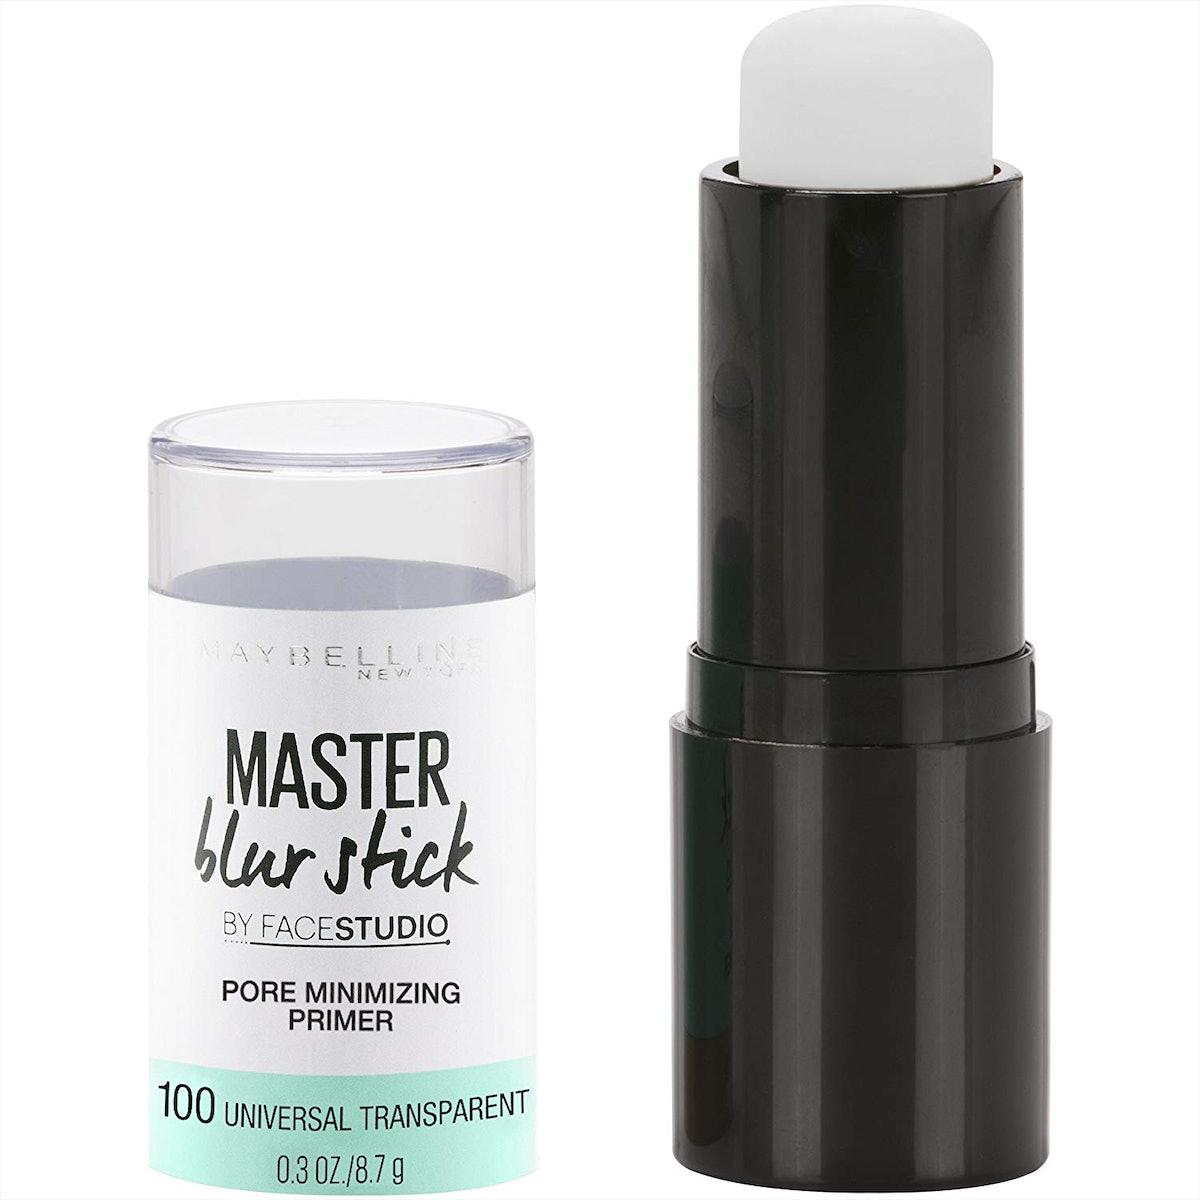 Maybelline New York Facestudio Master Blur Stick Primer Makeup